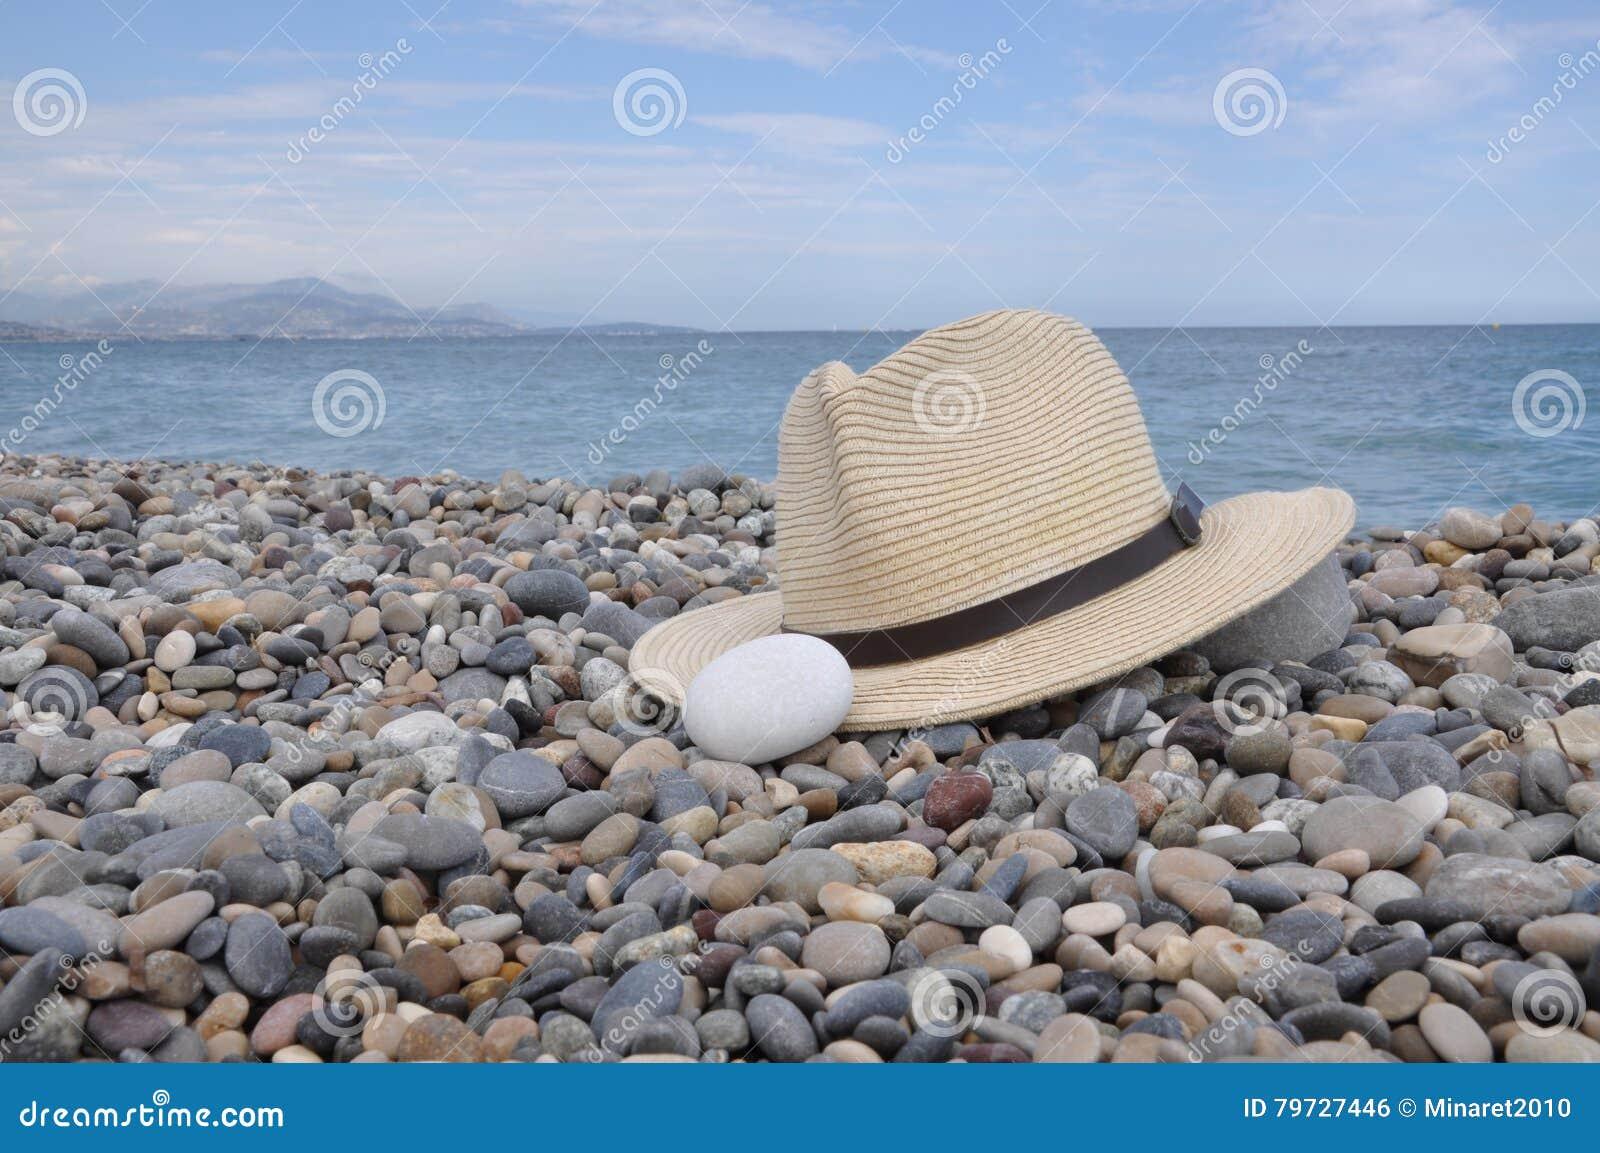 Sombrero en la playa de piedra en la costa